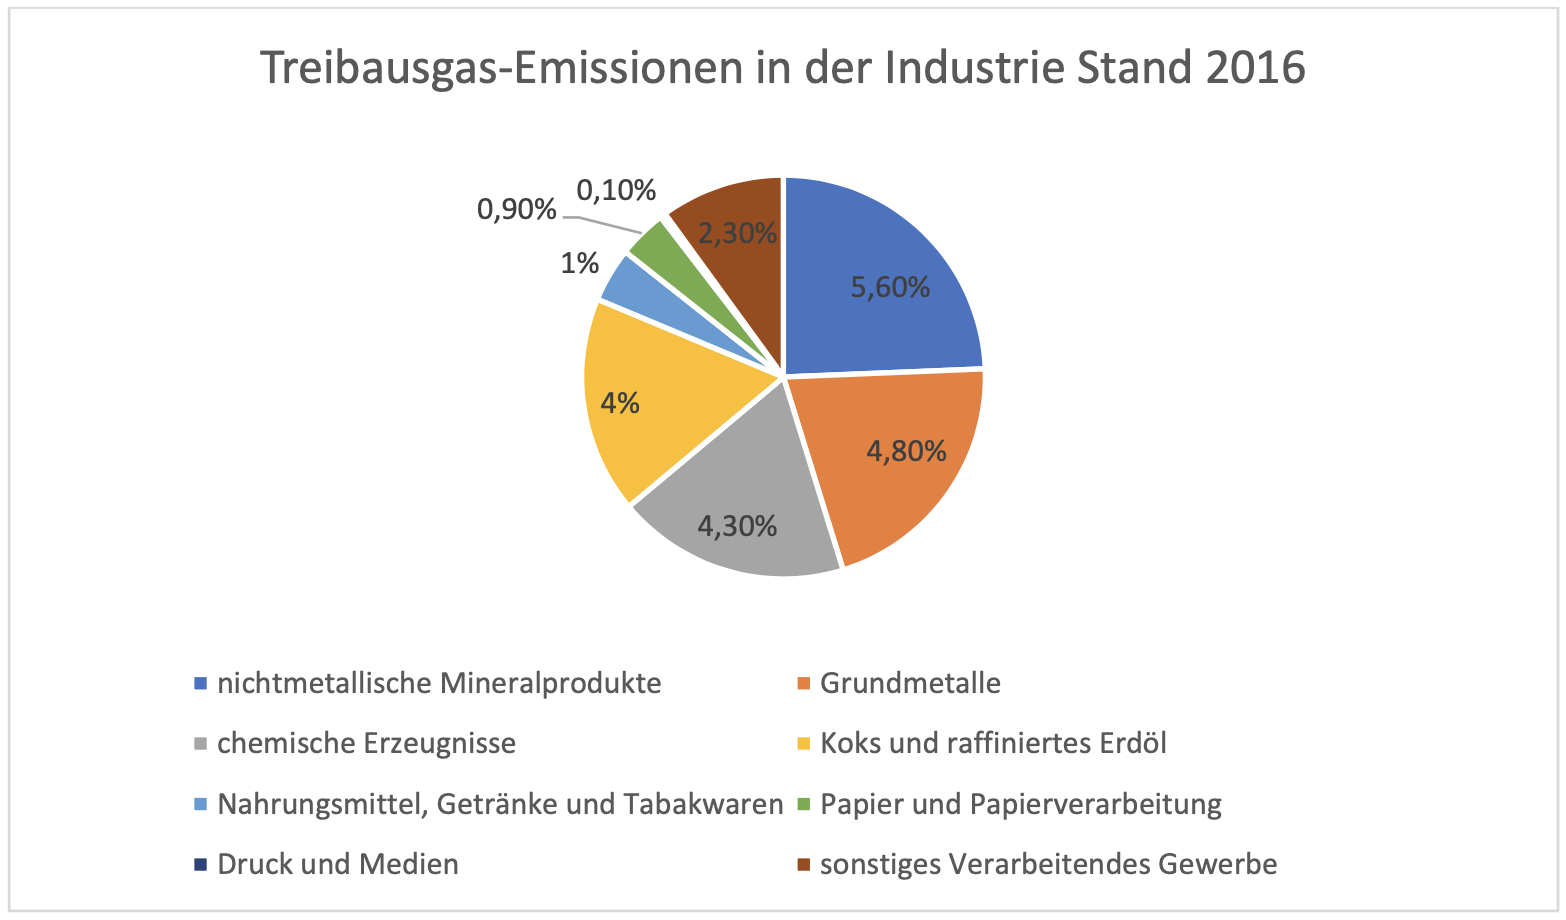 Treibausgas-Emissionen in der Industrie